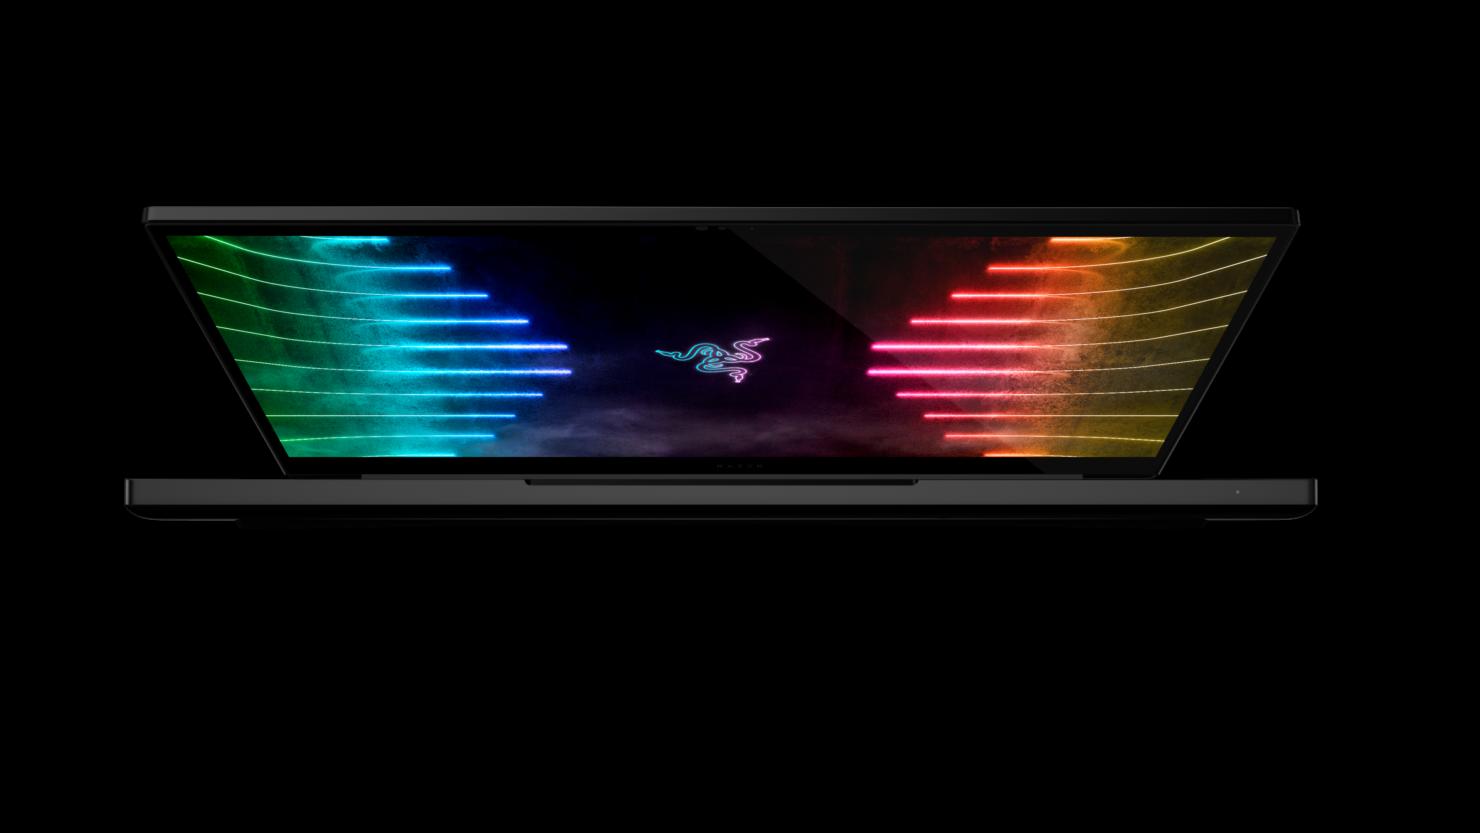 blade-17-2021-uhd-render-2